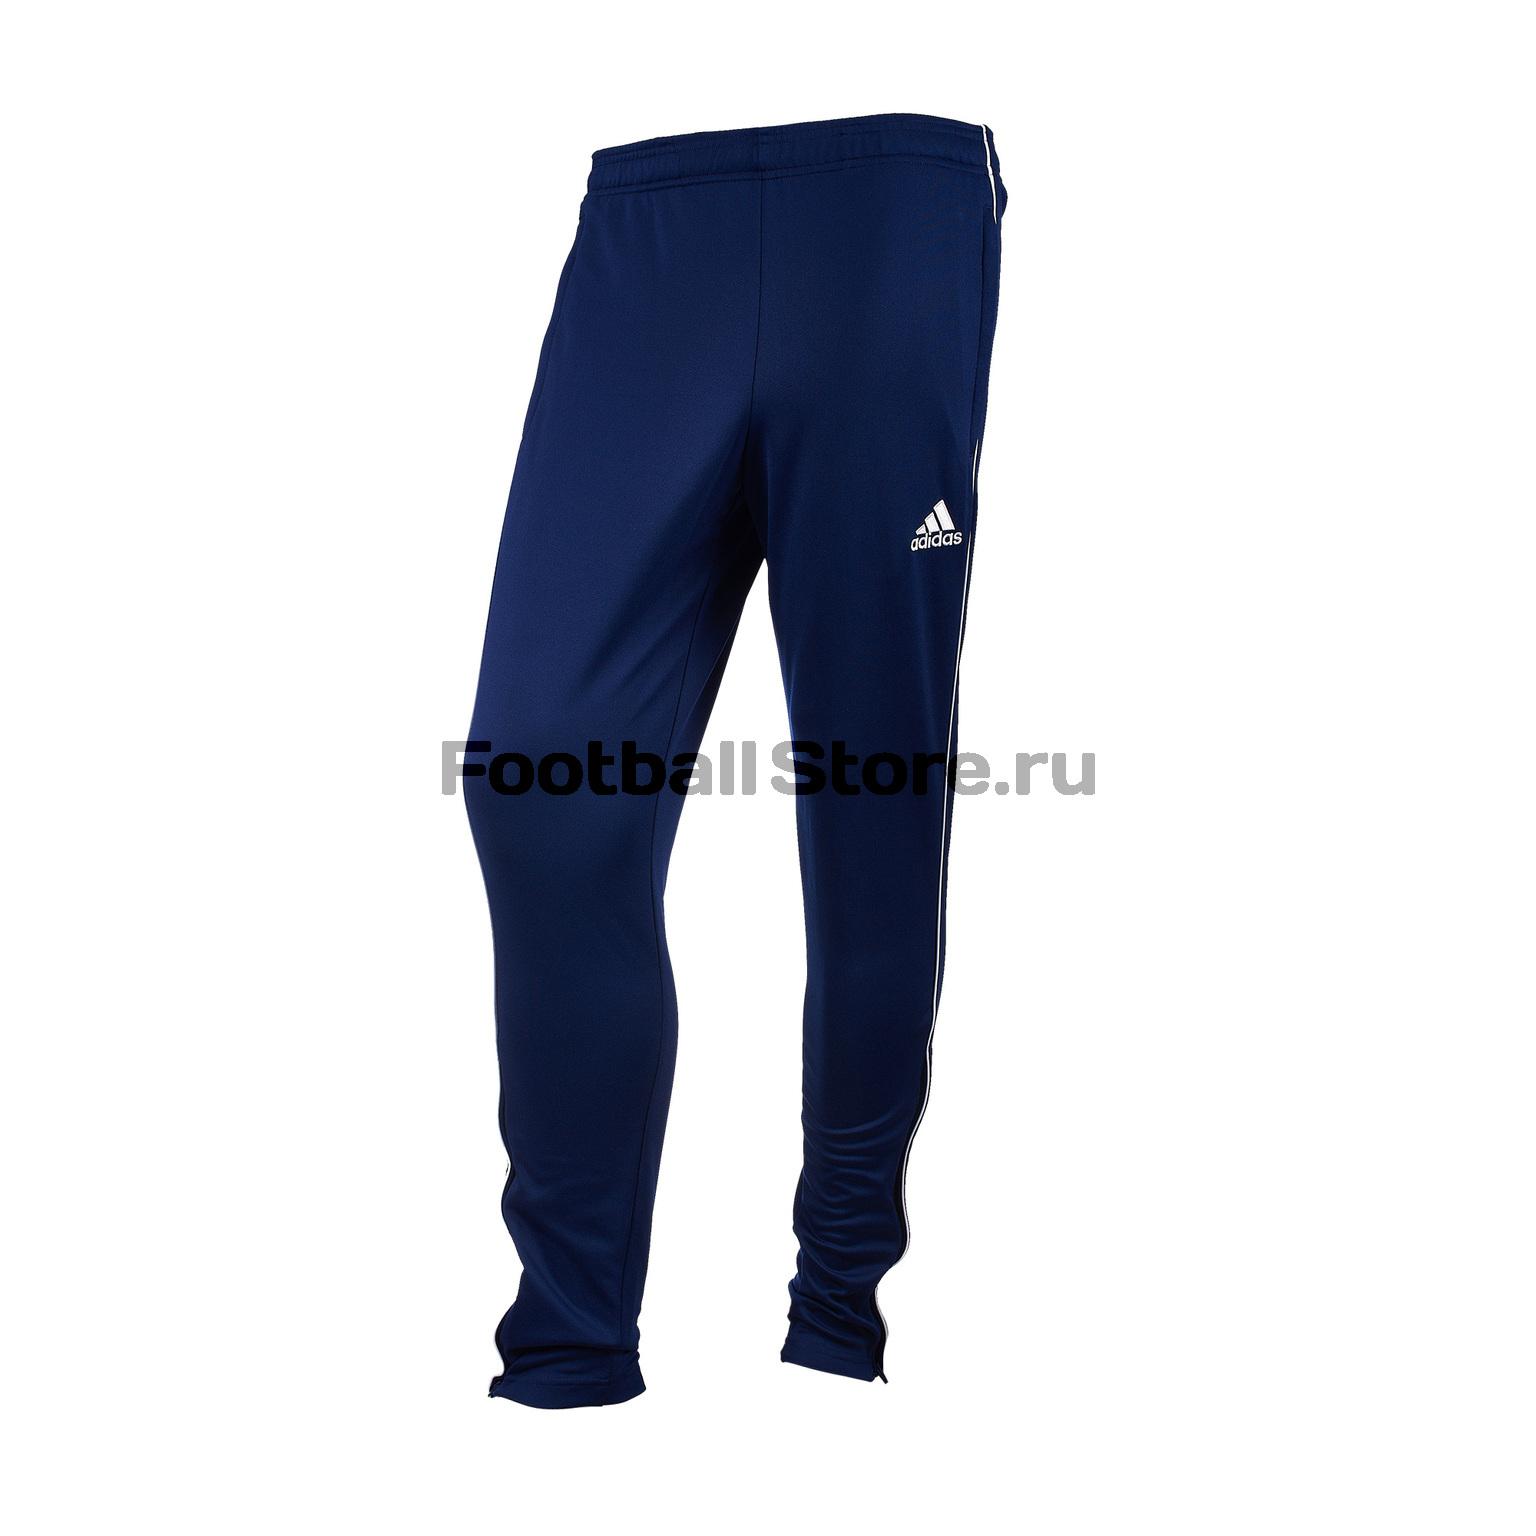 Брюки тренировочные Adidas Core18 TR Pnt CV3988 брюки adidas брюки тренировочные adidas tiro17 swt pnt ay2960